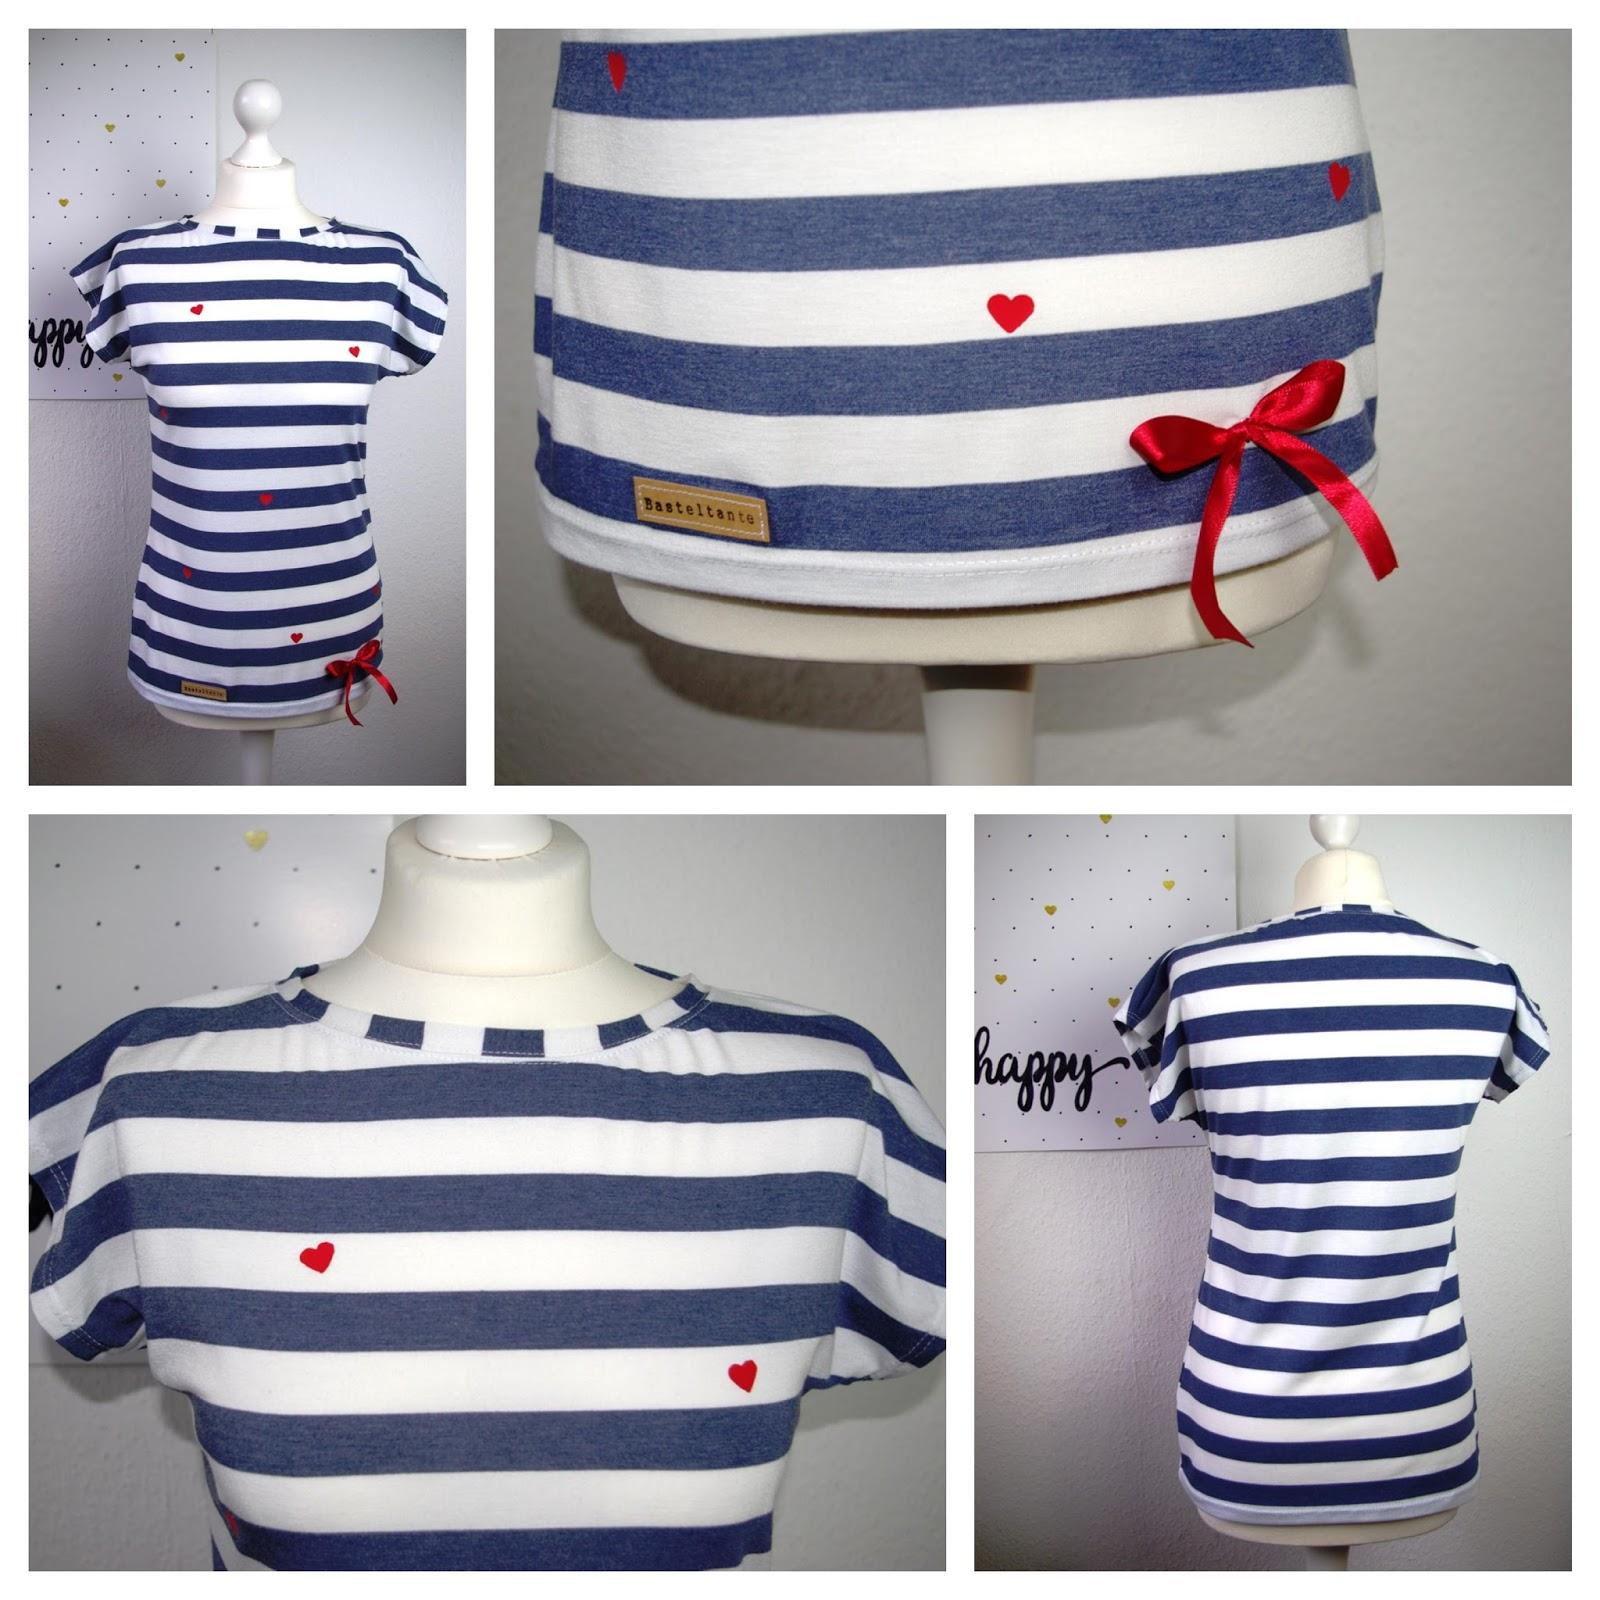 Collage Kimonotee von MariaDenmark aus blau weiß gestreiften Jersey mit roten DIY Herzen aus Plotterfolie